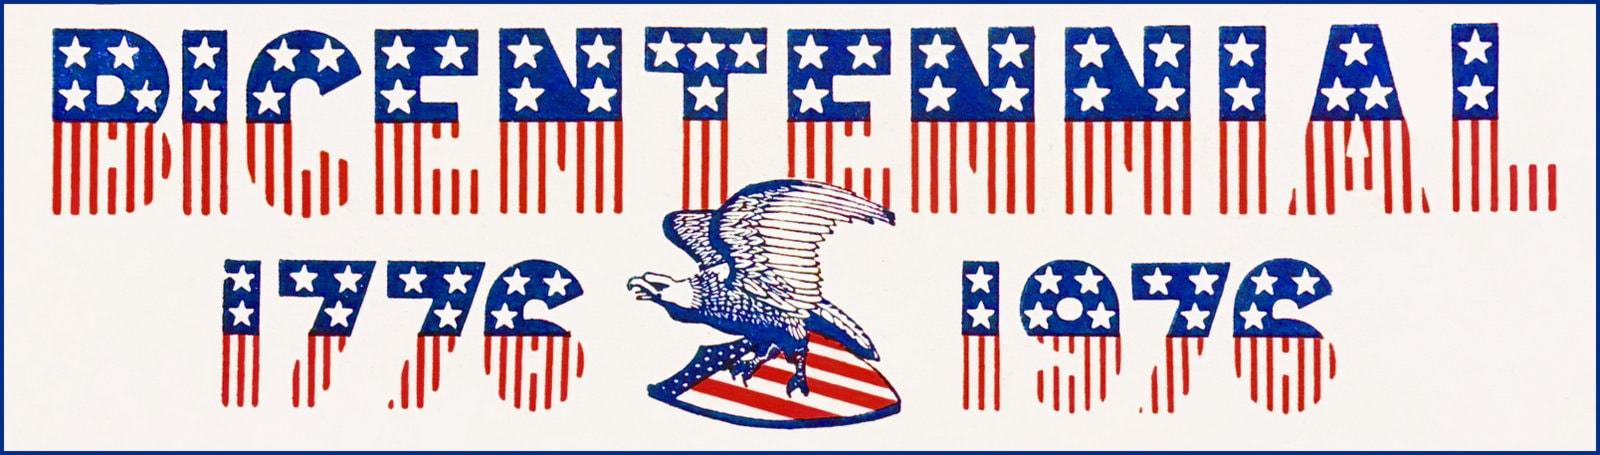 1776-1976 - US Bicentennial bumper sticker